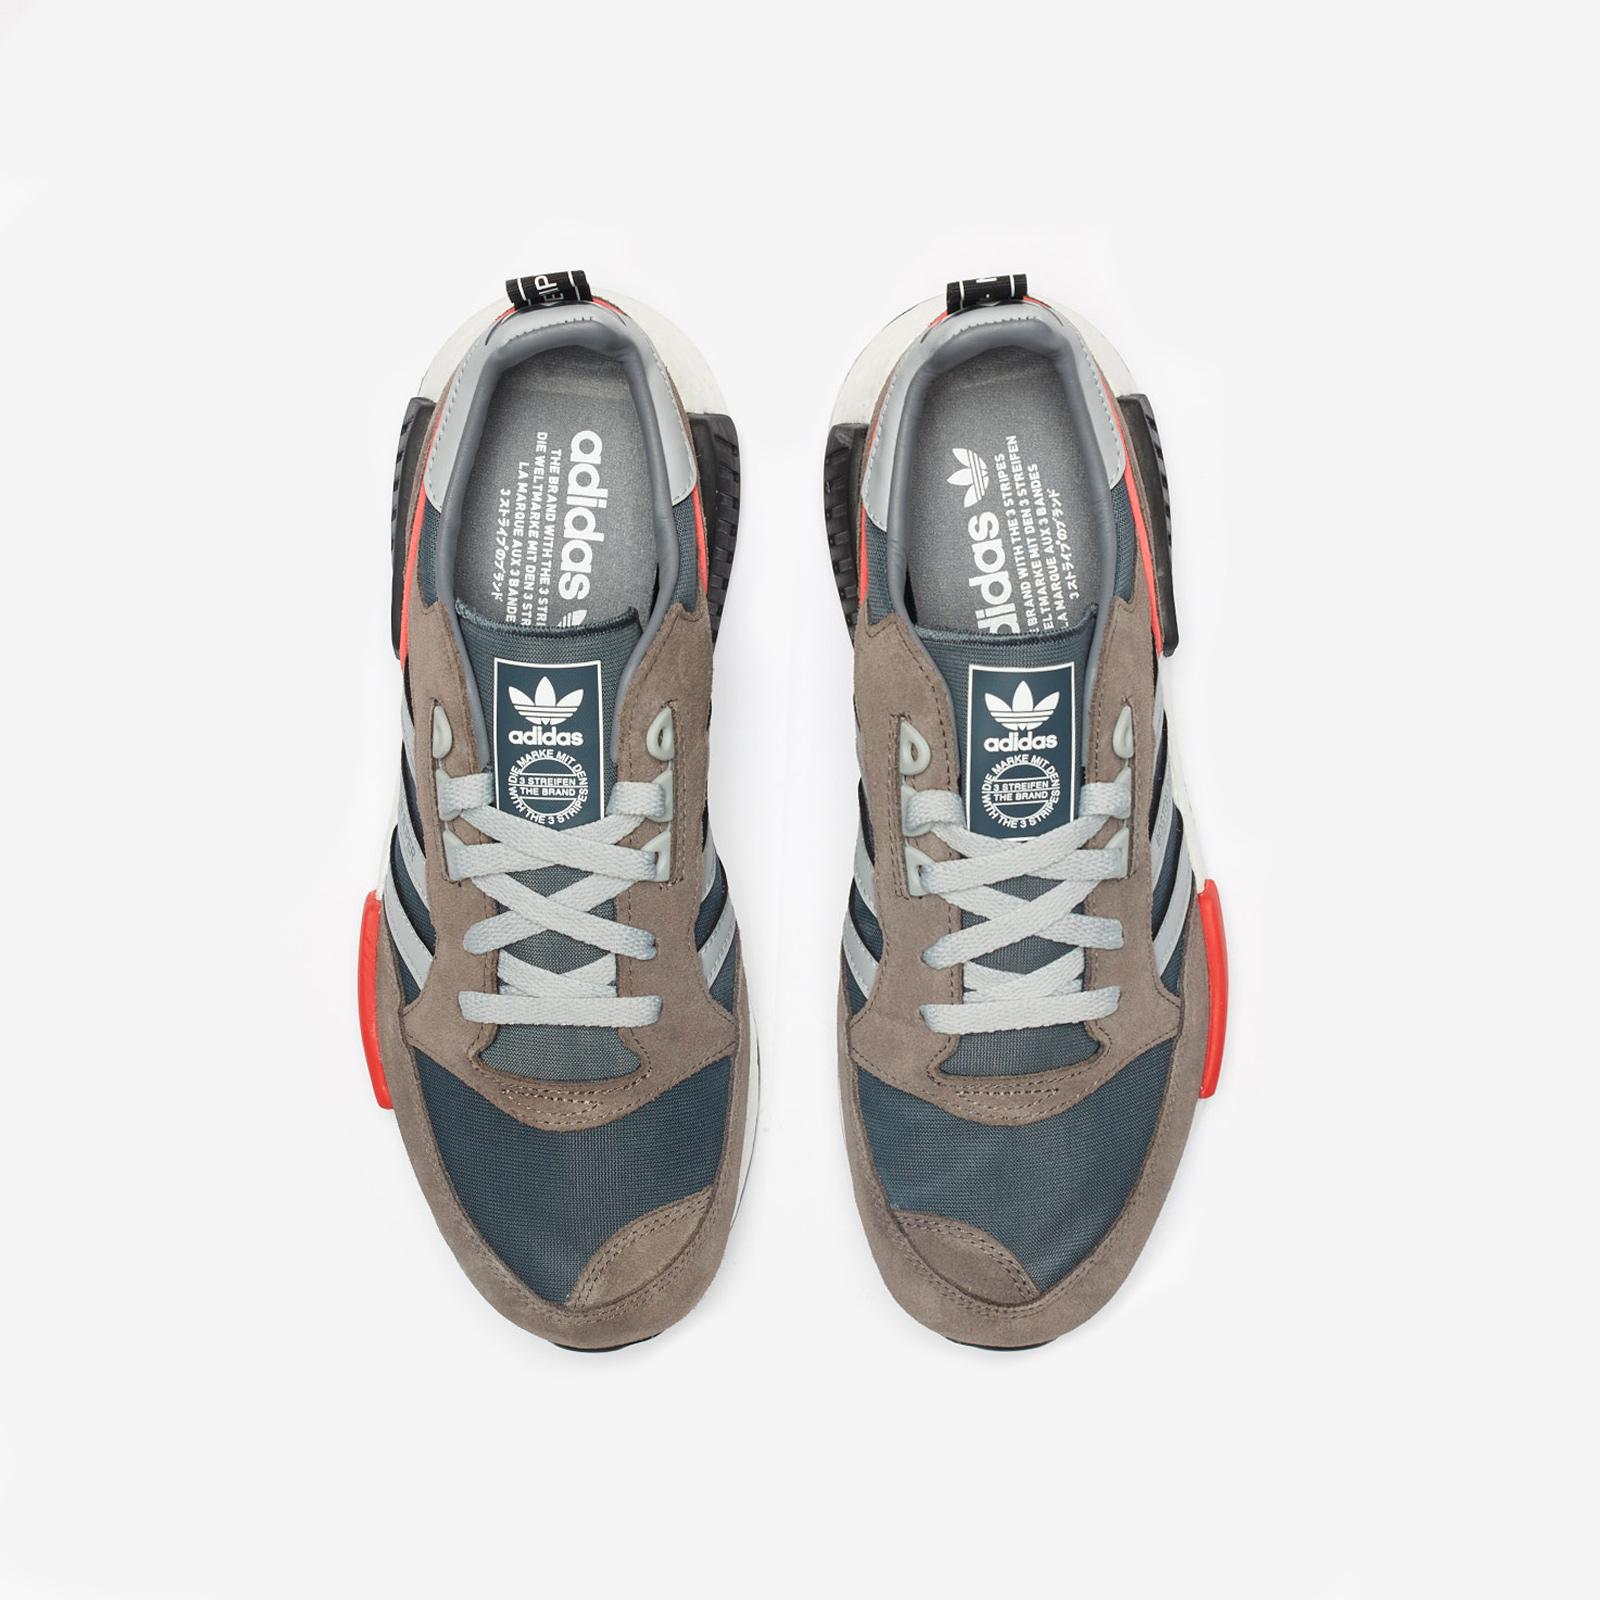 c9e9c236f41 adidas Boston Super x R1 - G26776 - Sneakersnstuff